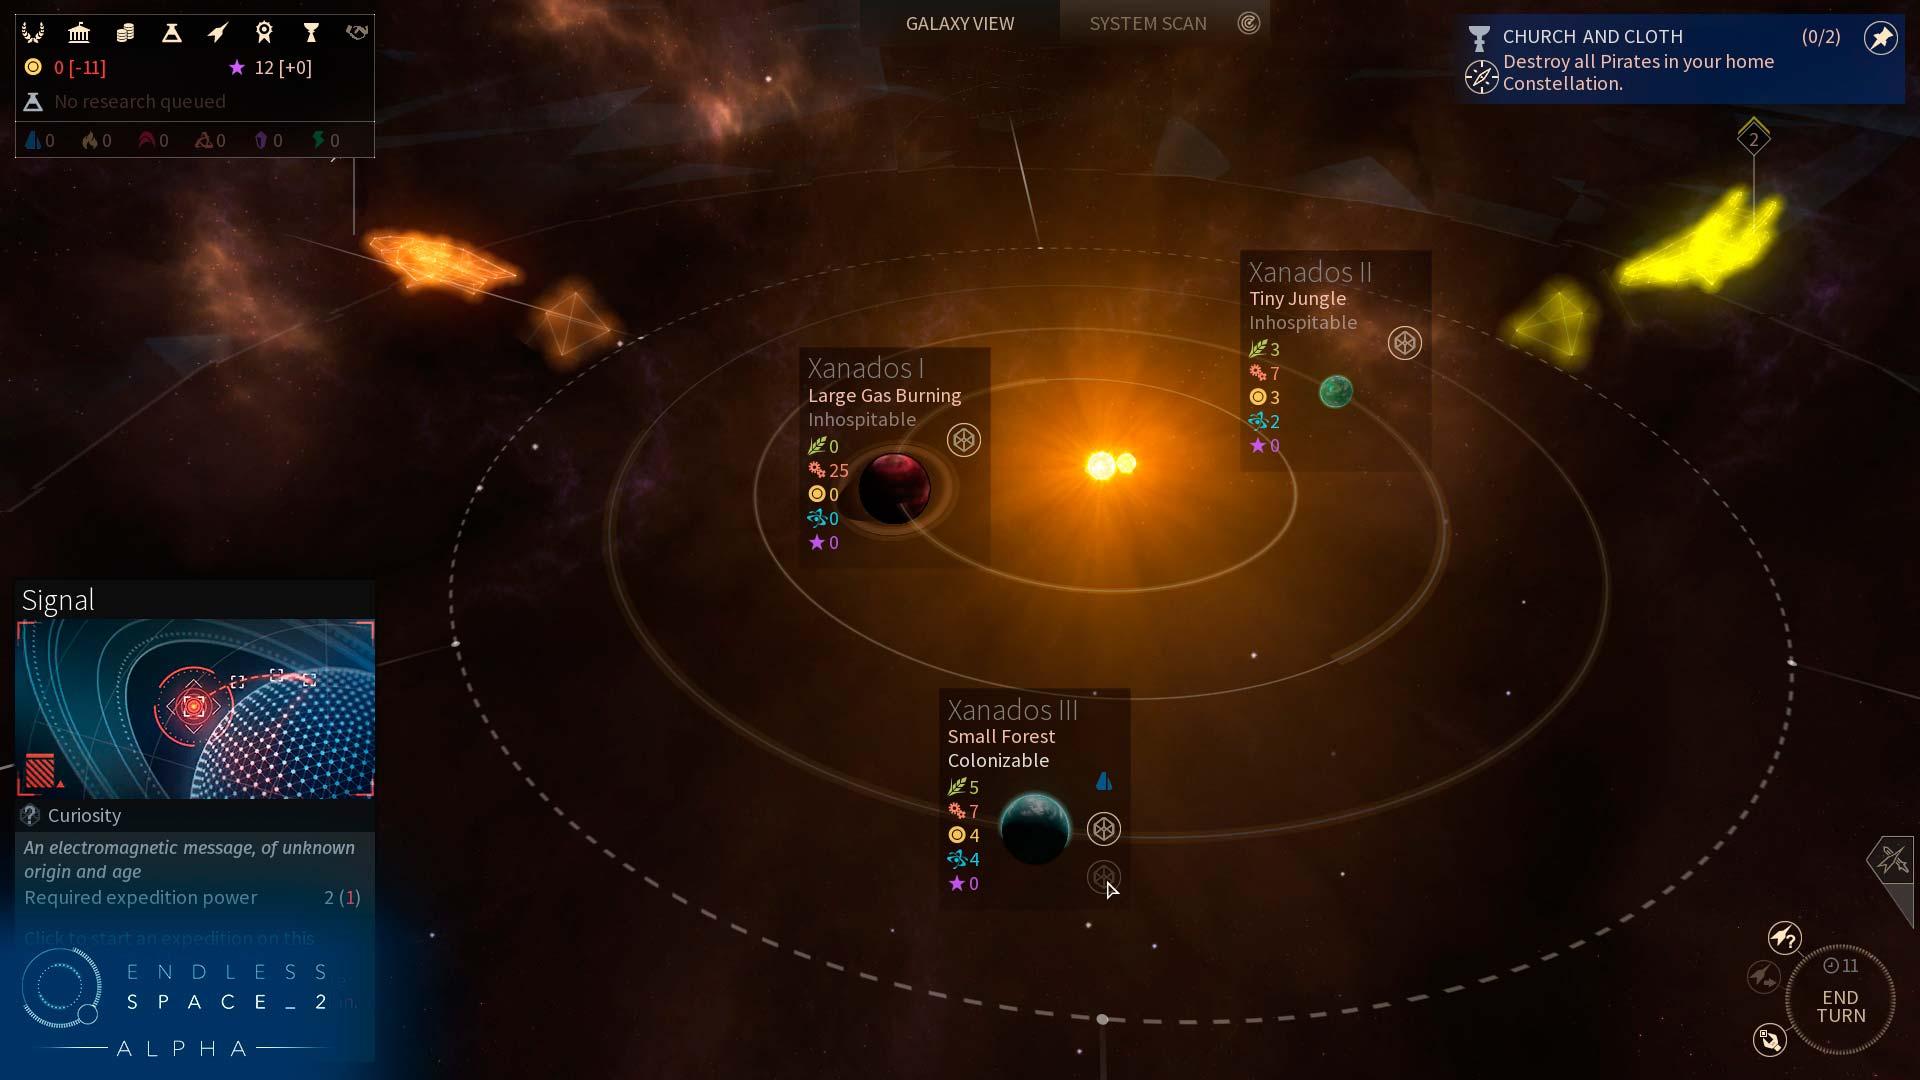 Скриншоты к Endless Space 2 [1.2.6] [RUS] | RePack от xatab